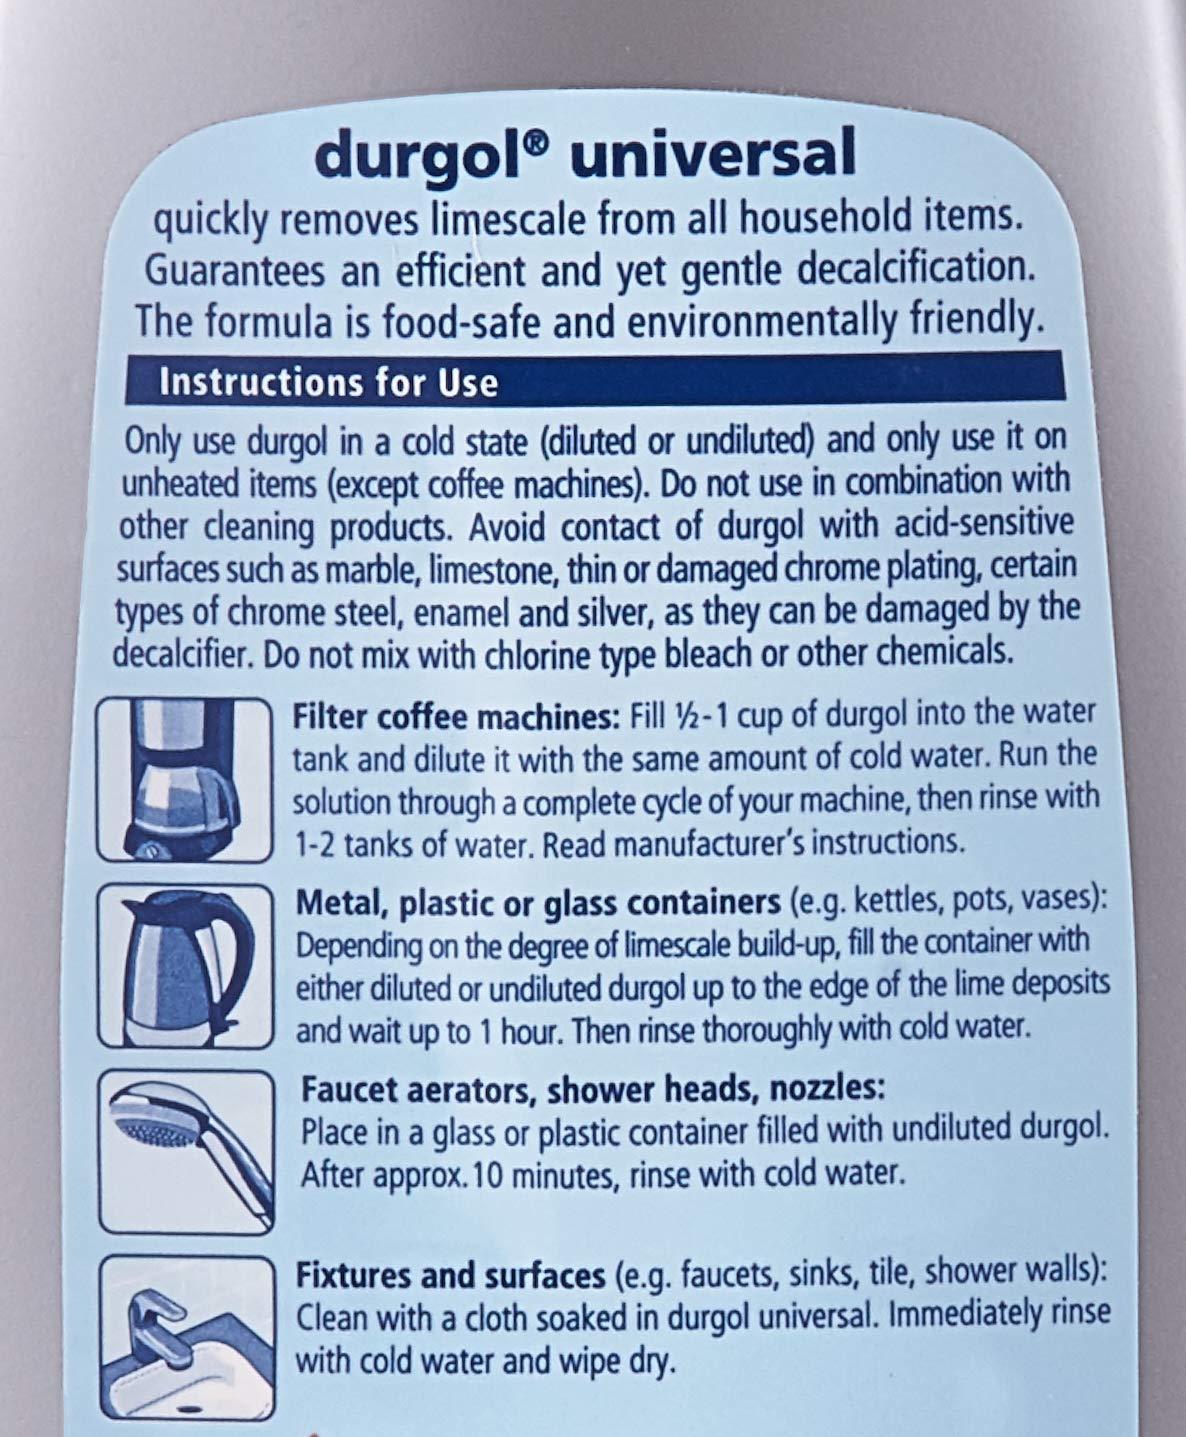 Durgol 0296 Universal Express Multipurpose Descaler/Decalcifier, 16.9 Fluid Ounce Bottle Blue by Durgol (Image #3)